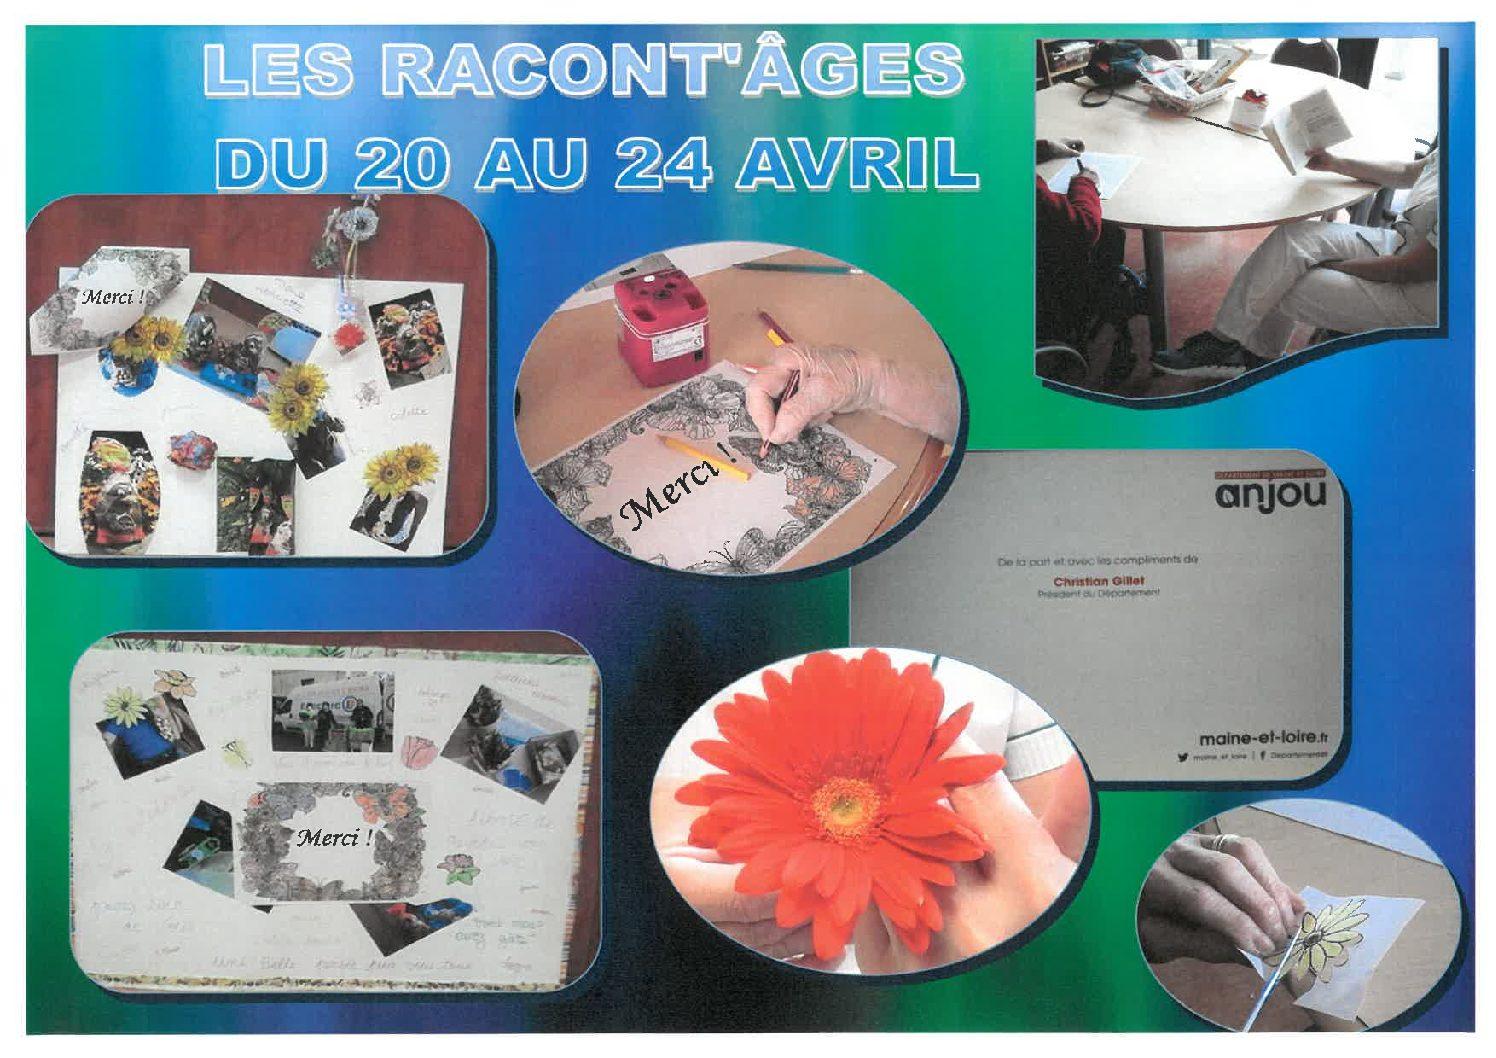 LES RACONT'AGES DU PARC SEMAINE DU 20 AU 24 AVRIL 2020